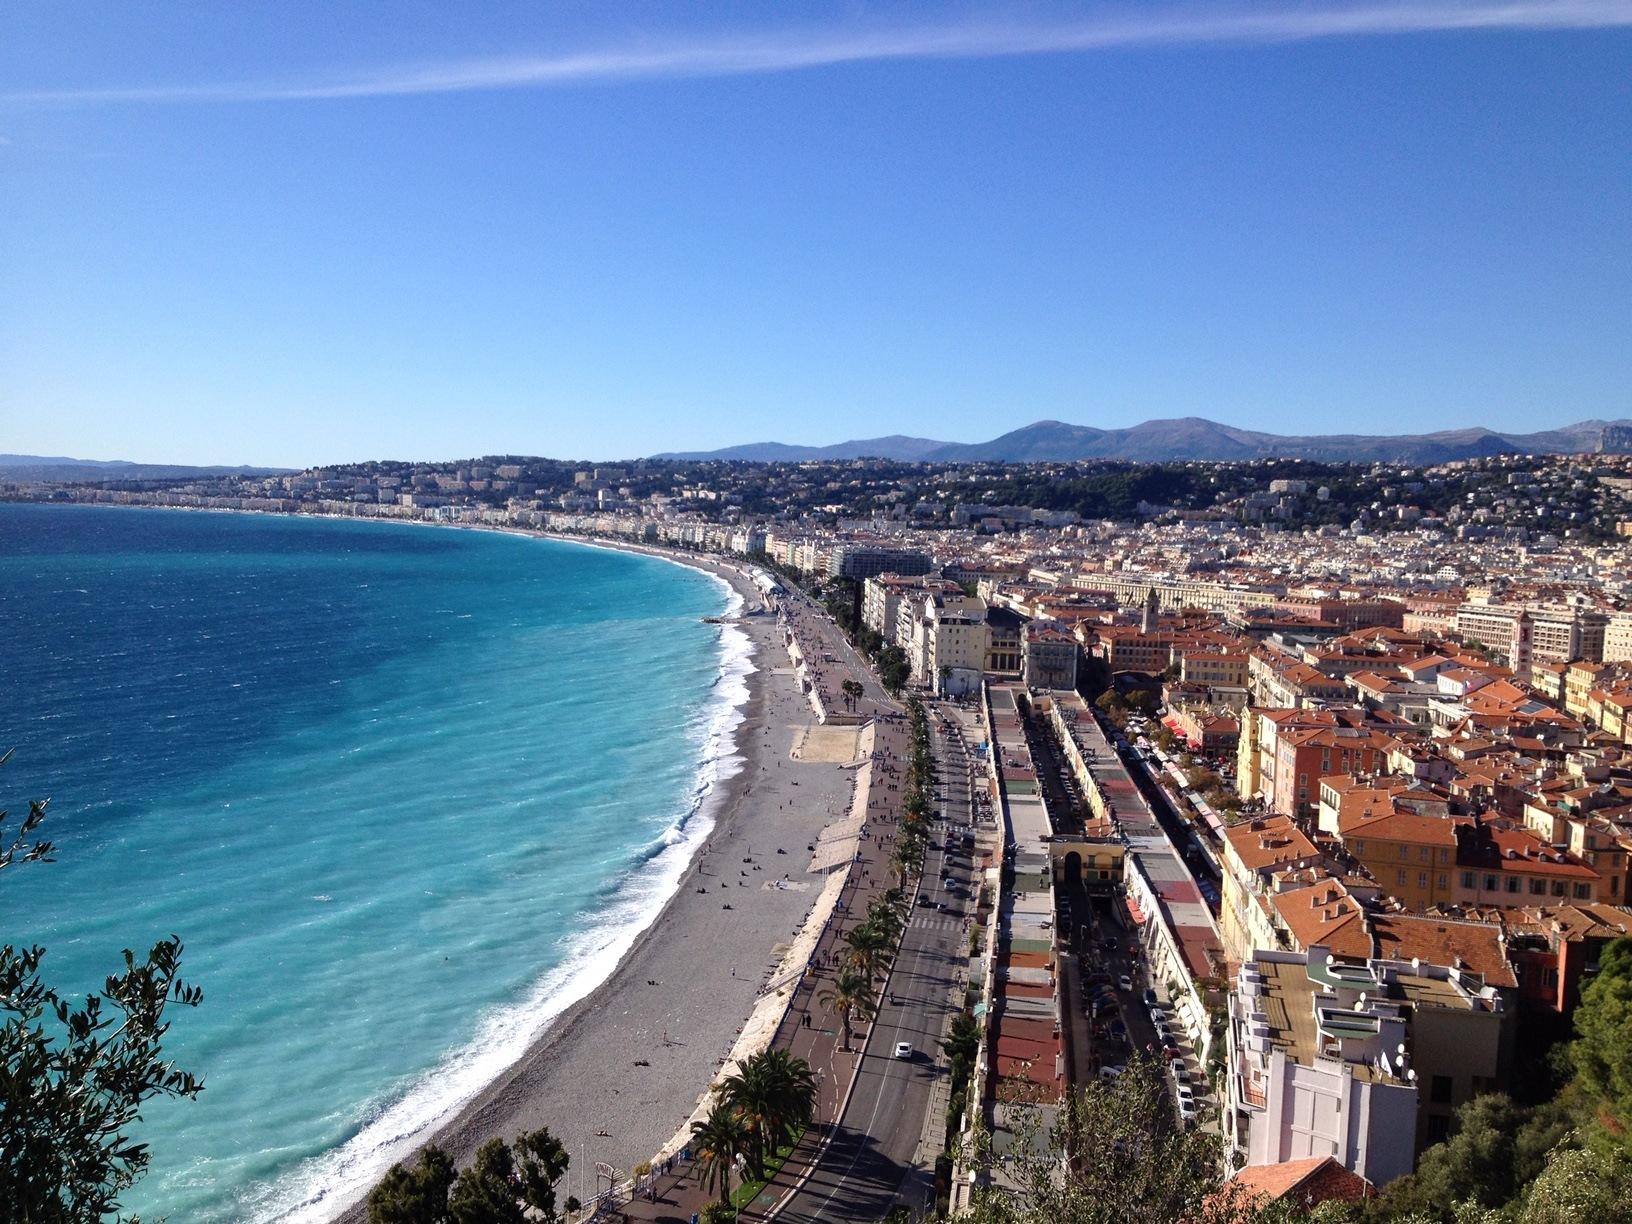 Belle vue de la baie des anges : le départ du marathon Nice Cannes